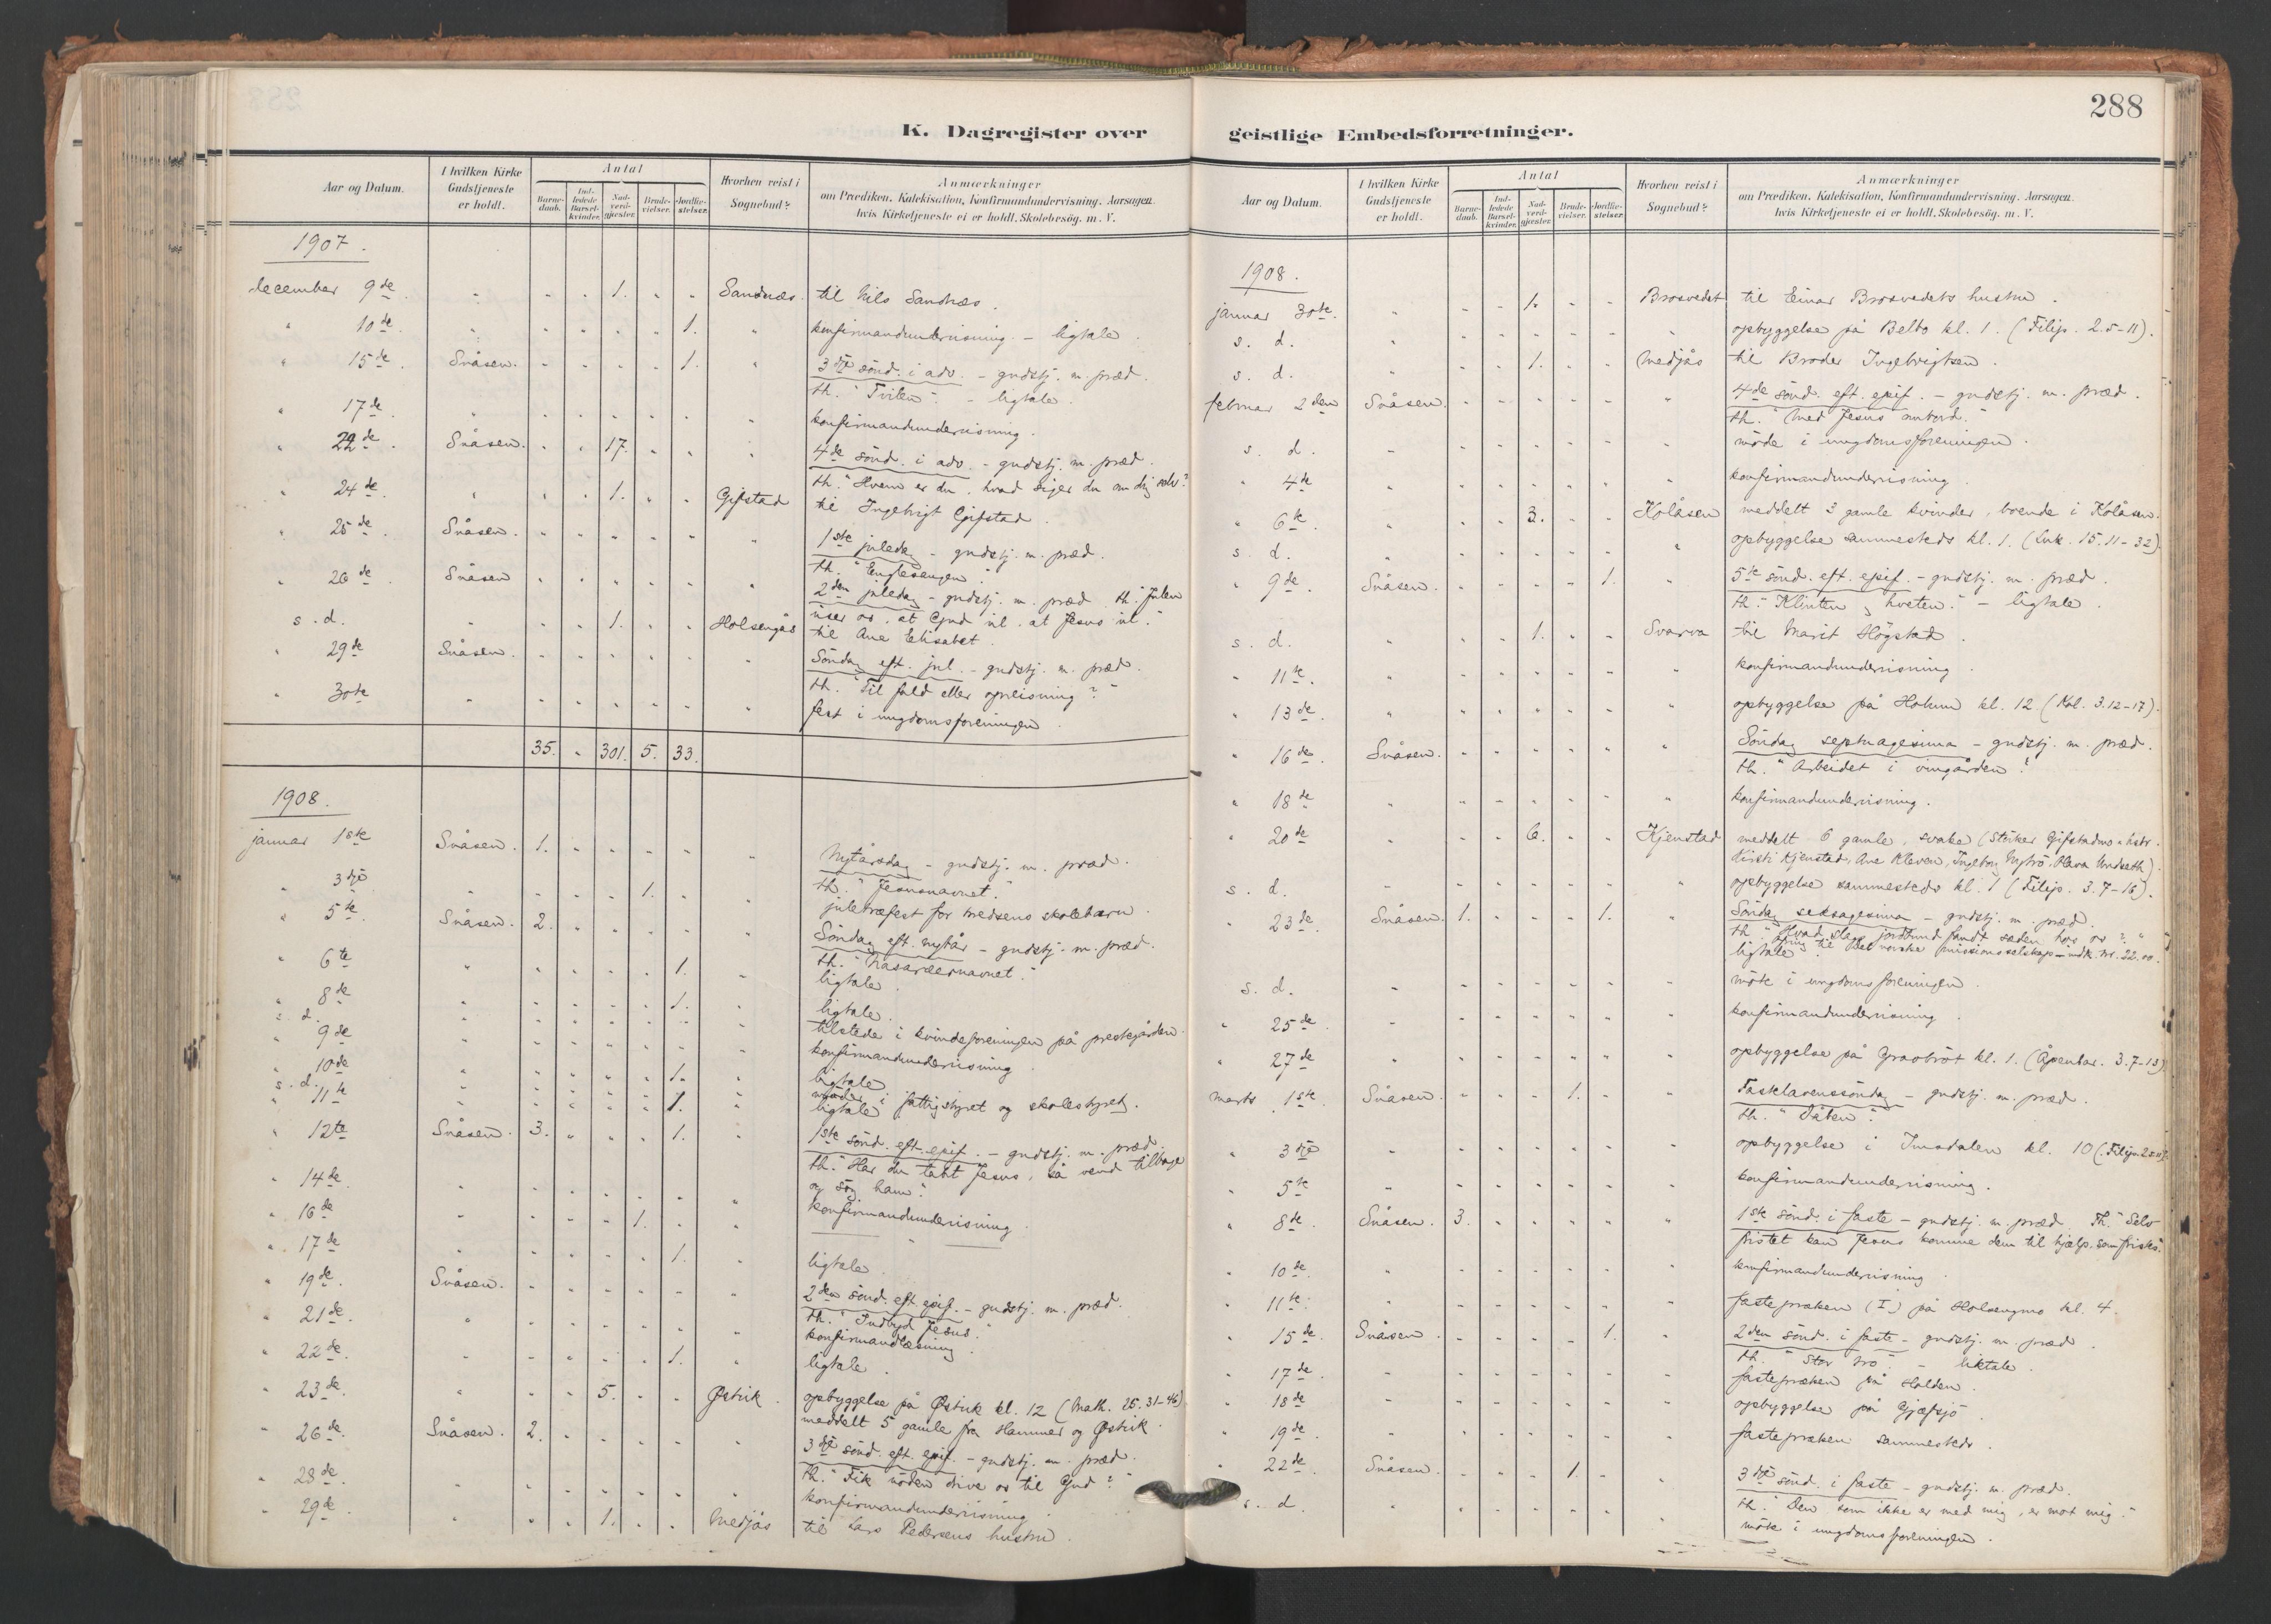 SAT, Ministerialprotokoller, klokkerbøker og fødselsregistre - Nord-Trøndelag, 749/L0477: Ministerialbok nr. 749A11, 1902-1927, s. 288